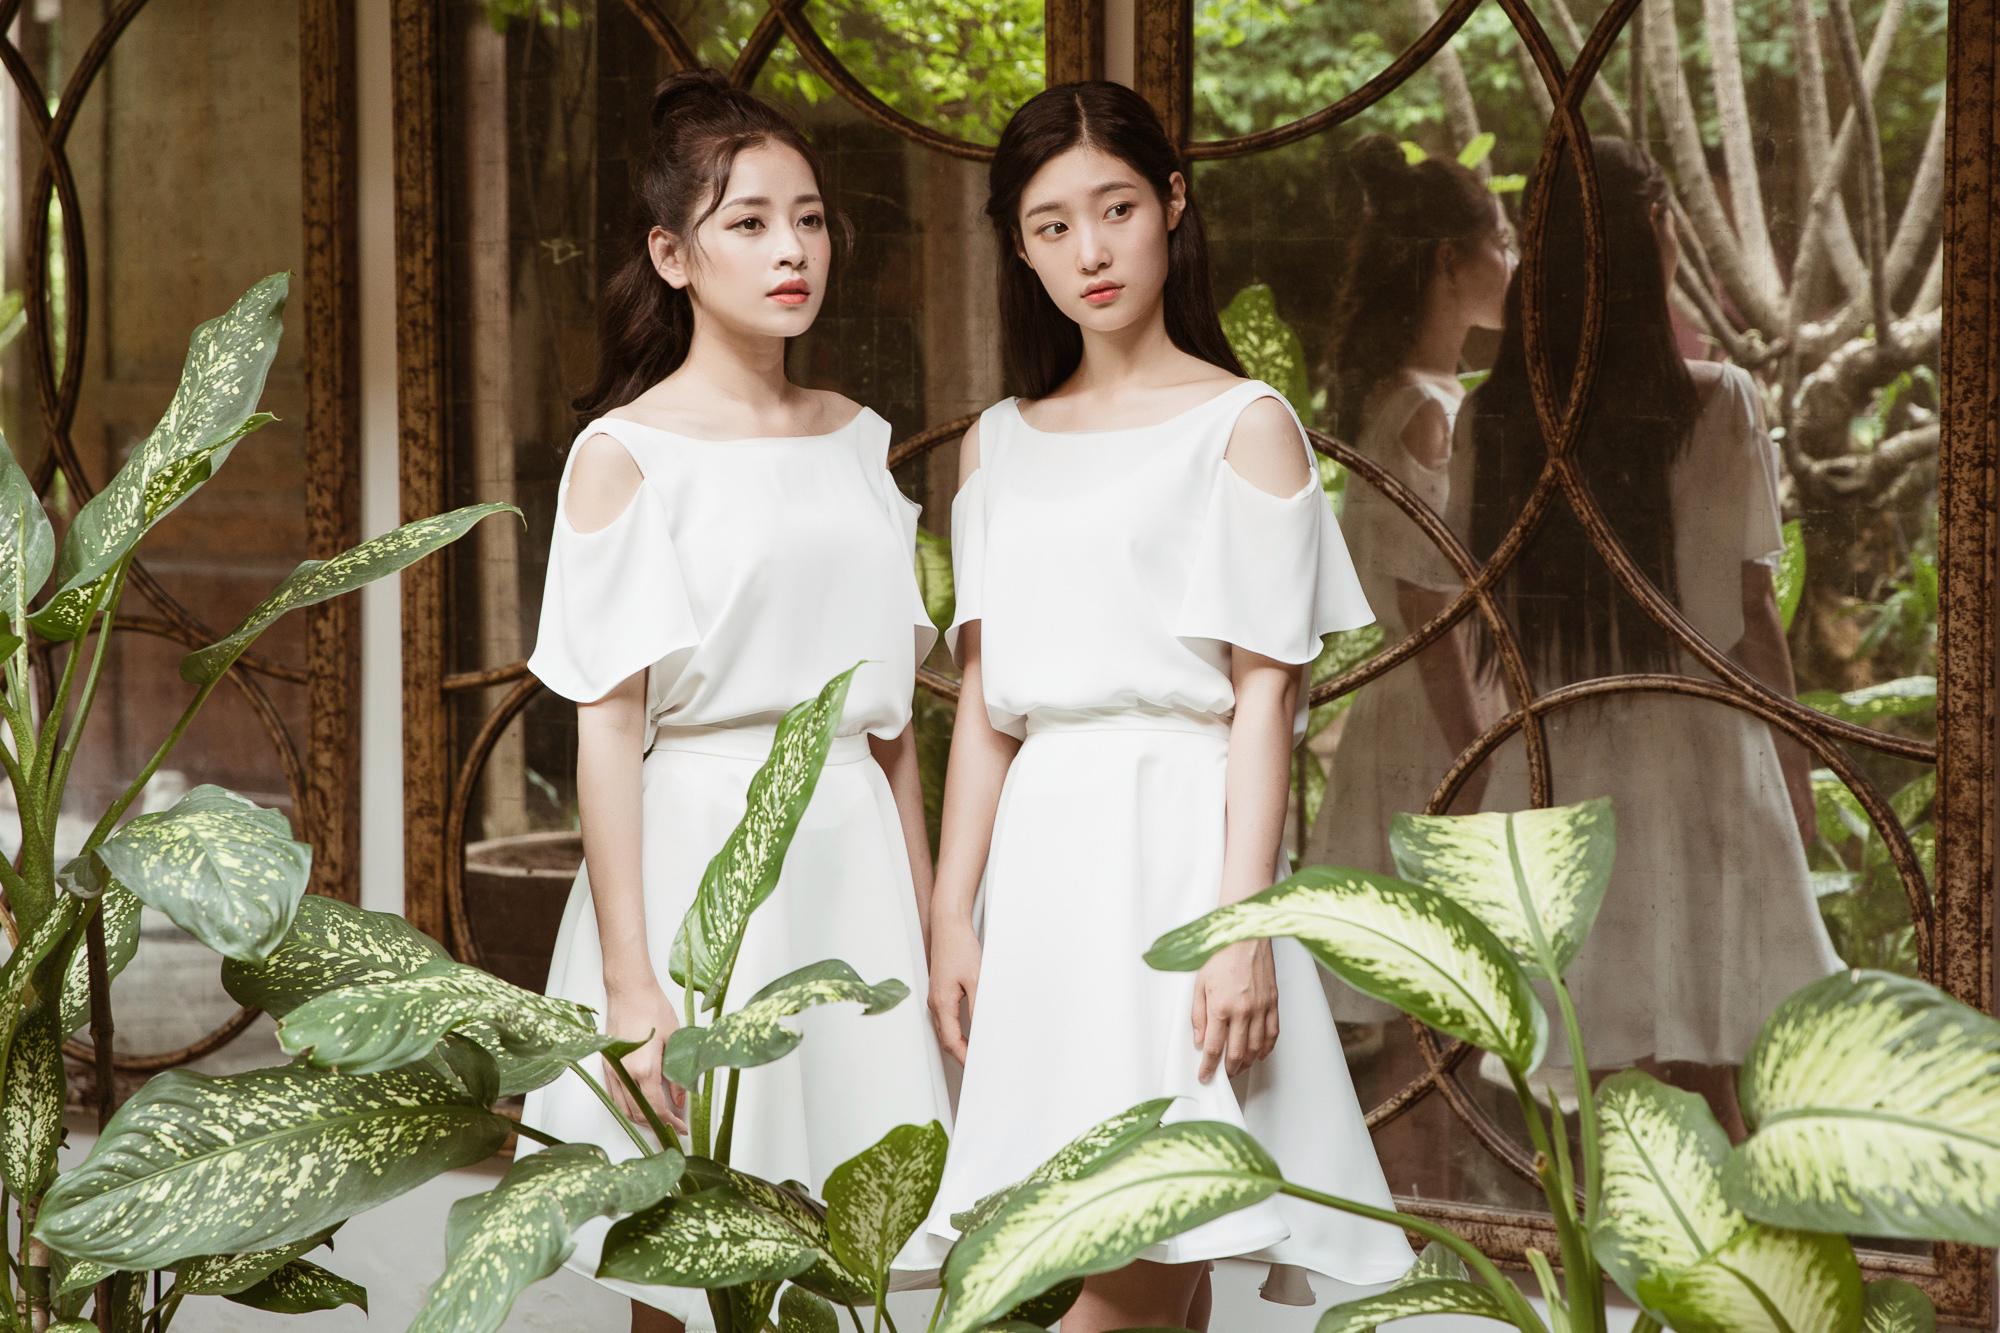 Báo Hàn đưa tin Chi Pu, Chaeyeon: Cuộc chạm trán của 2 nữ thần 6